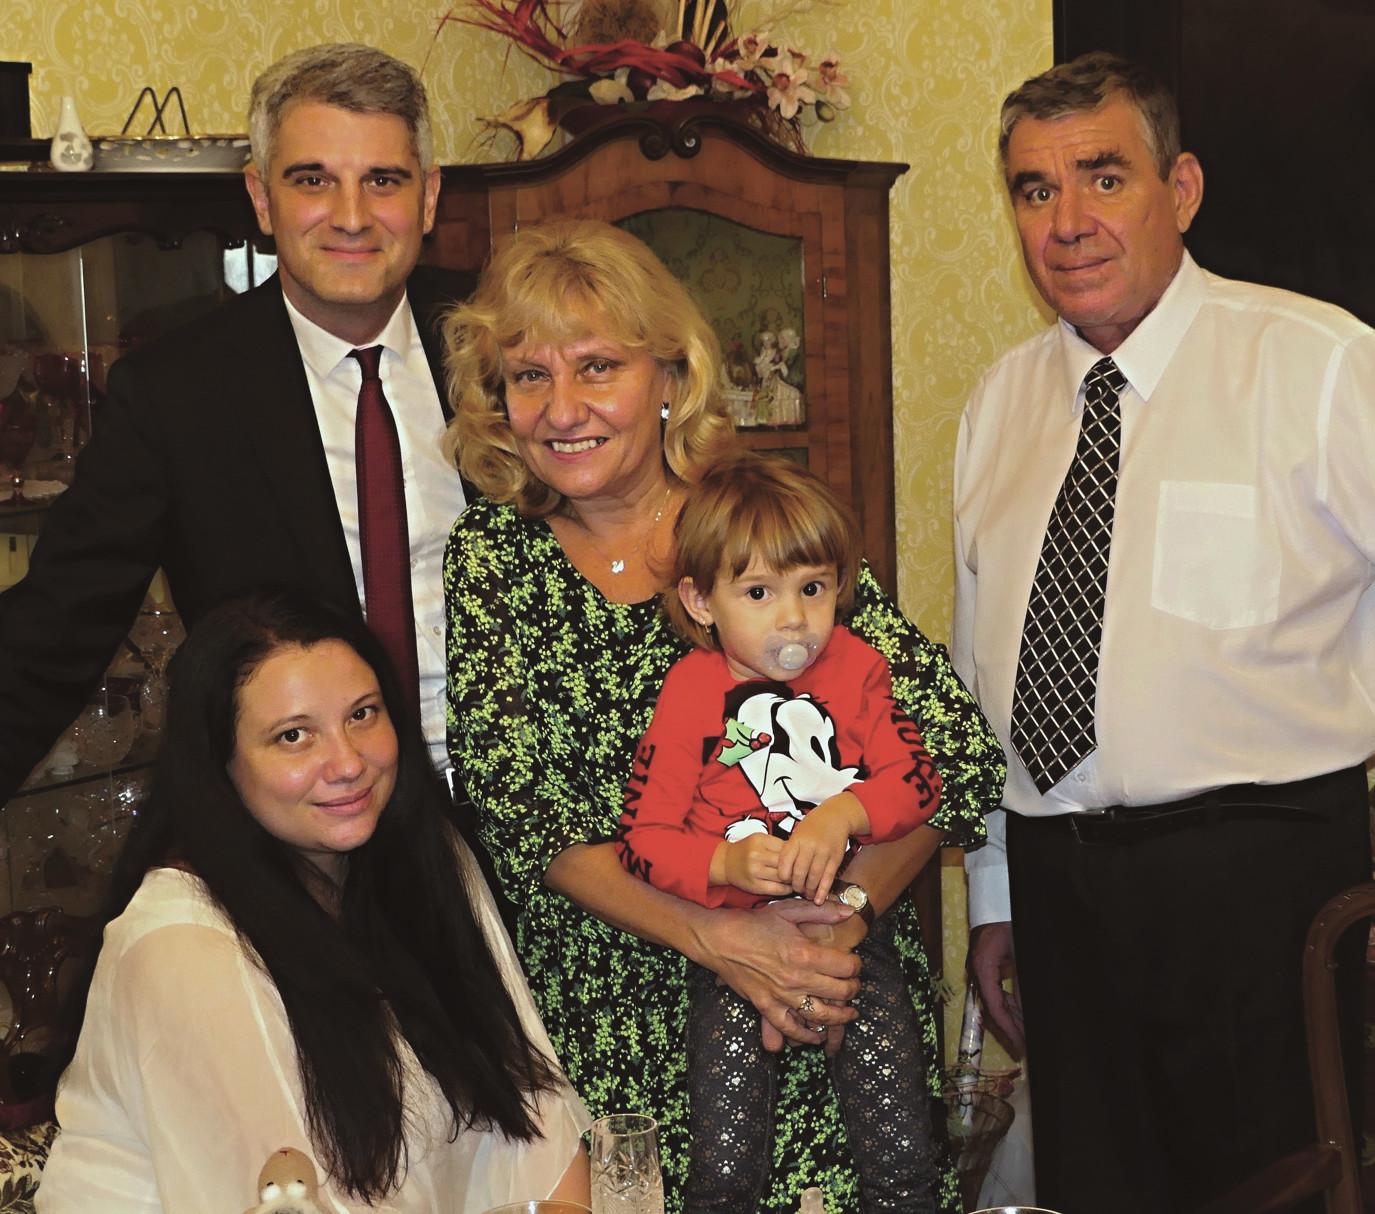 Největší štěstí v kruhu rodiny, s manželkou Lenkou, dcerou Monikou, vnučkou Belinkou a zetěm Petrem.